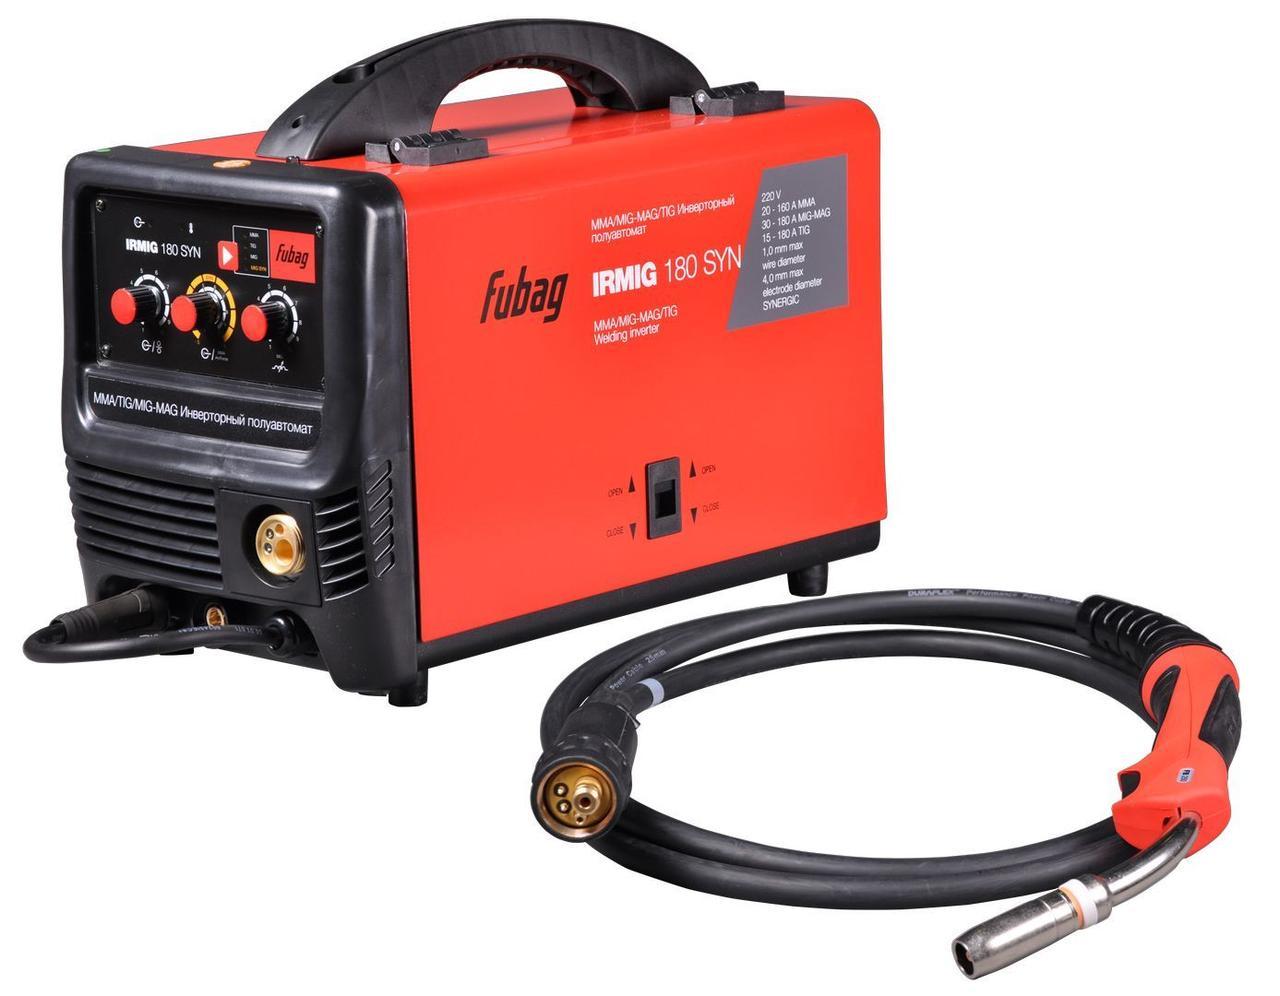 Сварочный полуавтомат инвертор Fubag IRMIG 180 SYN (31446)+ горелка FB 250 3м (68443)